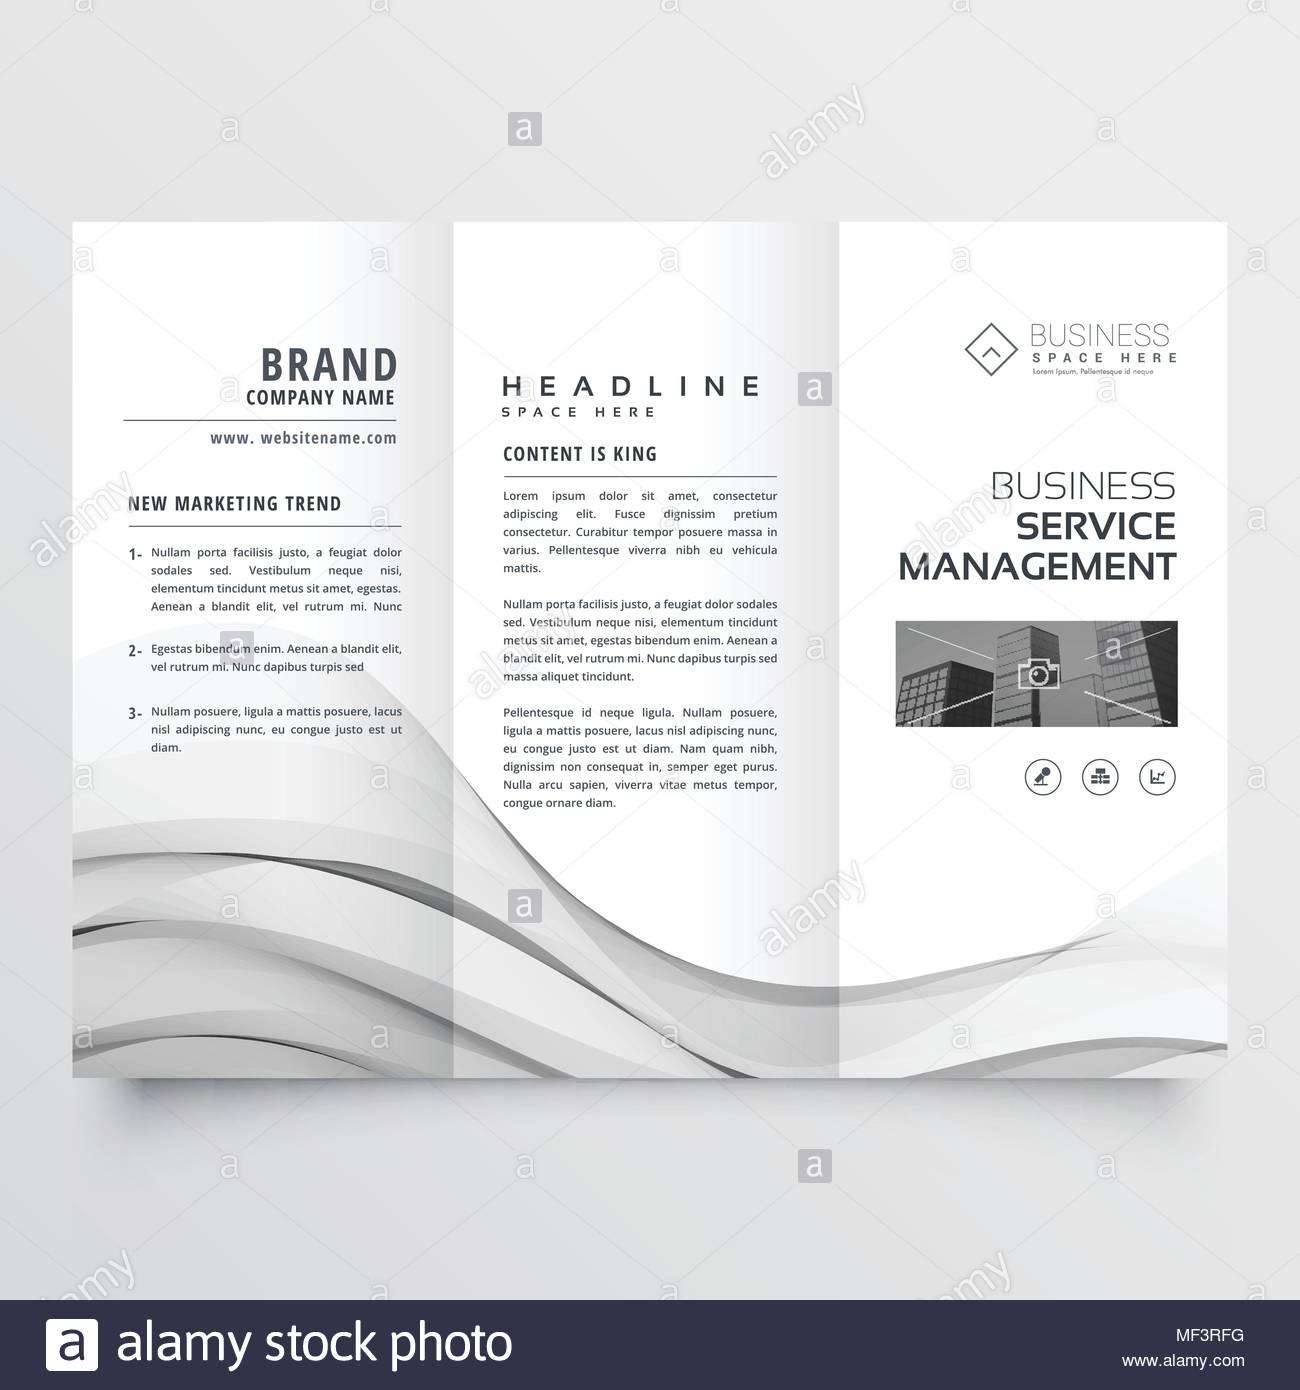 Charmant Preisliste Broschüre Vorlage Ideen - Beispiel Business ...